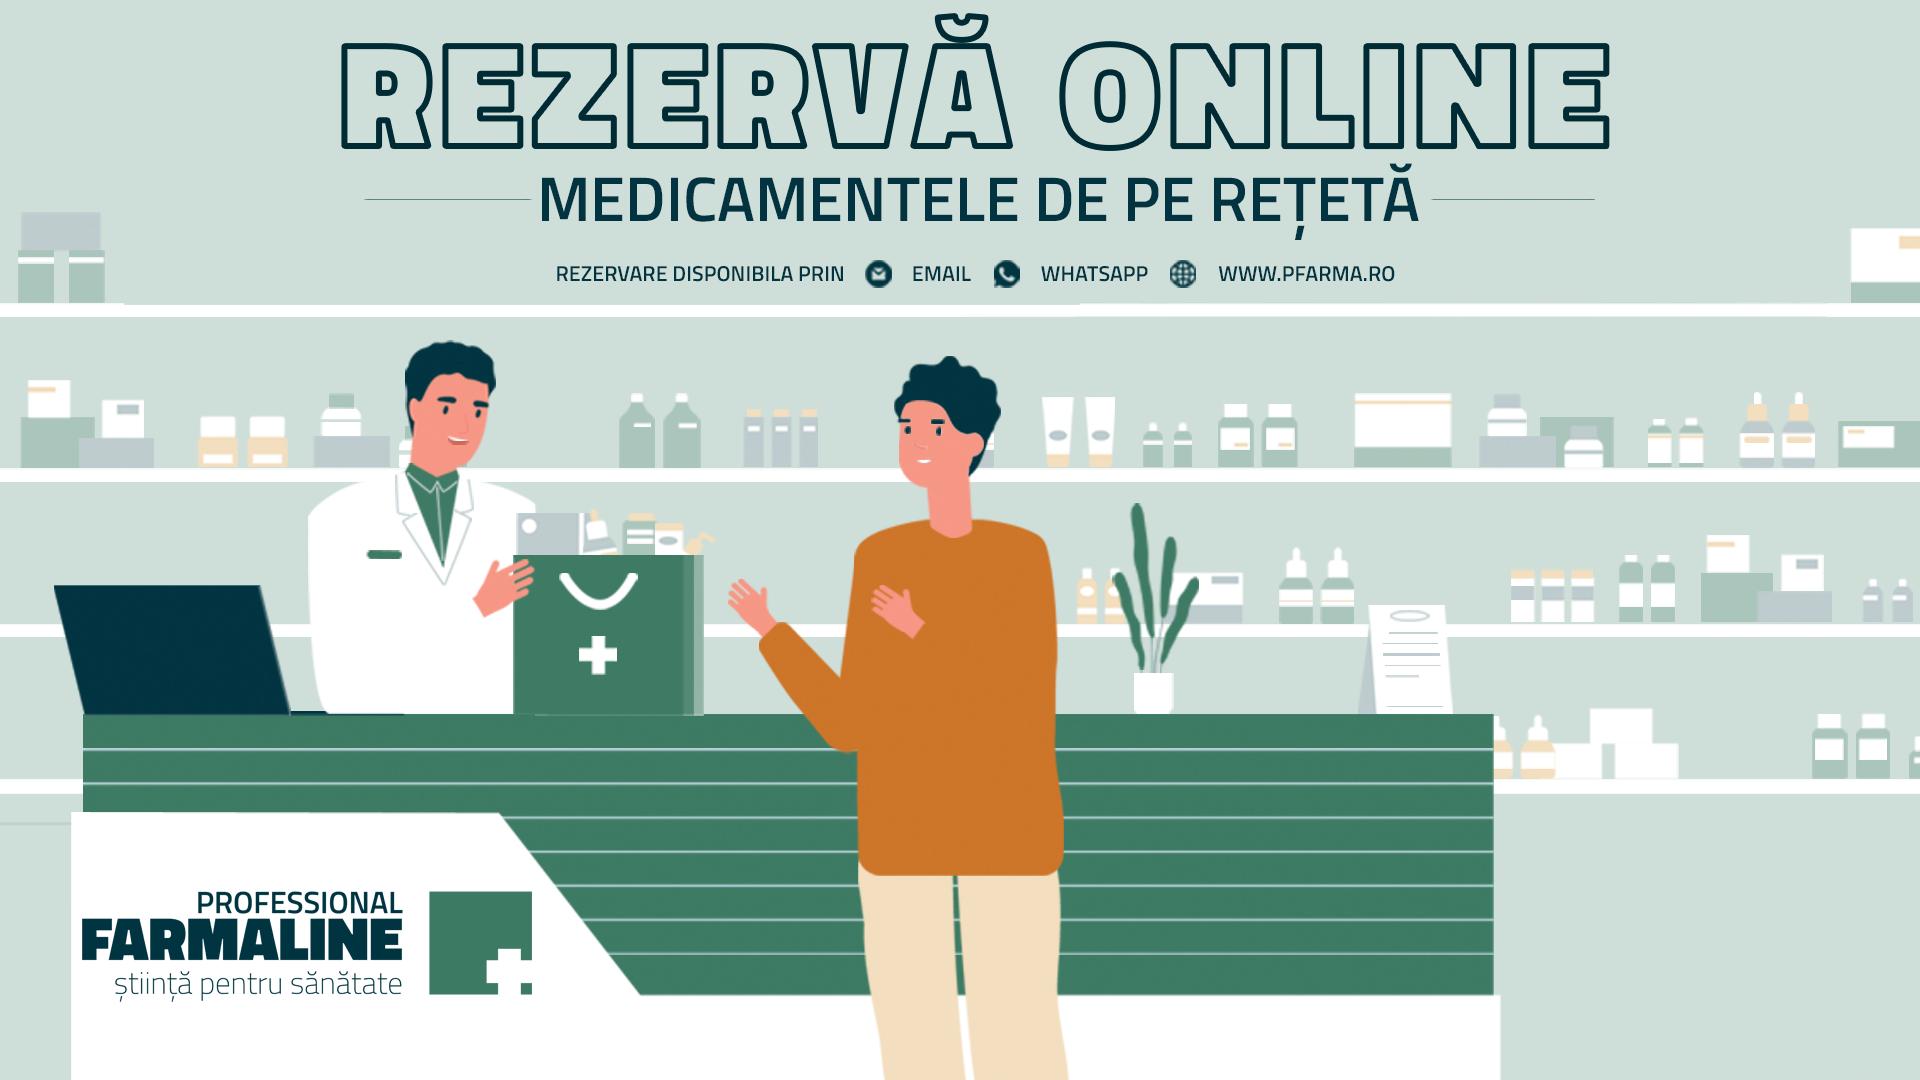 (P) Pfarma.ro - asistentul tău online pentru rezervarea rețetelor de medicamente